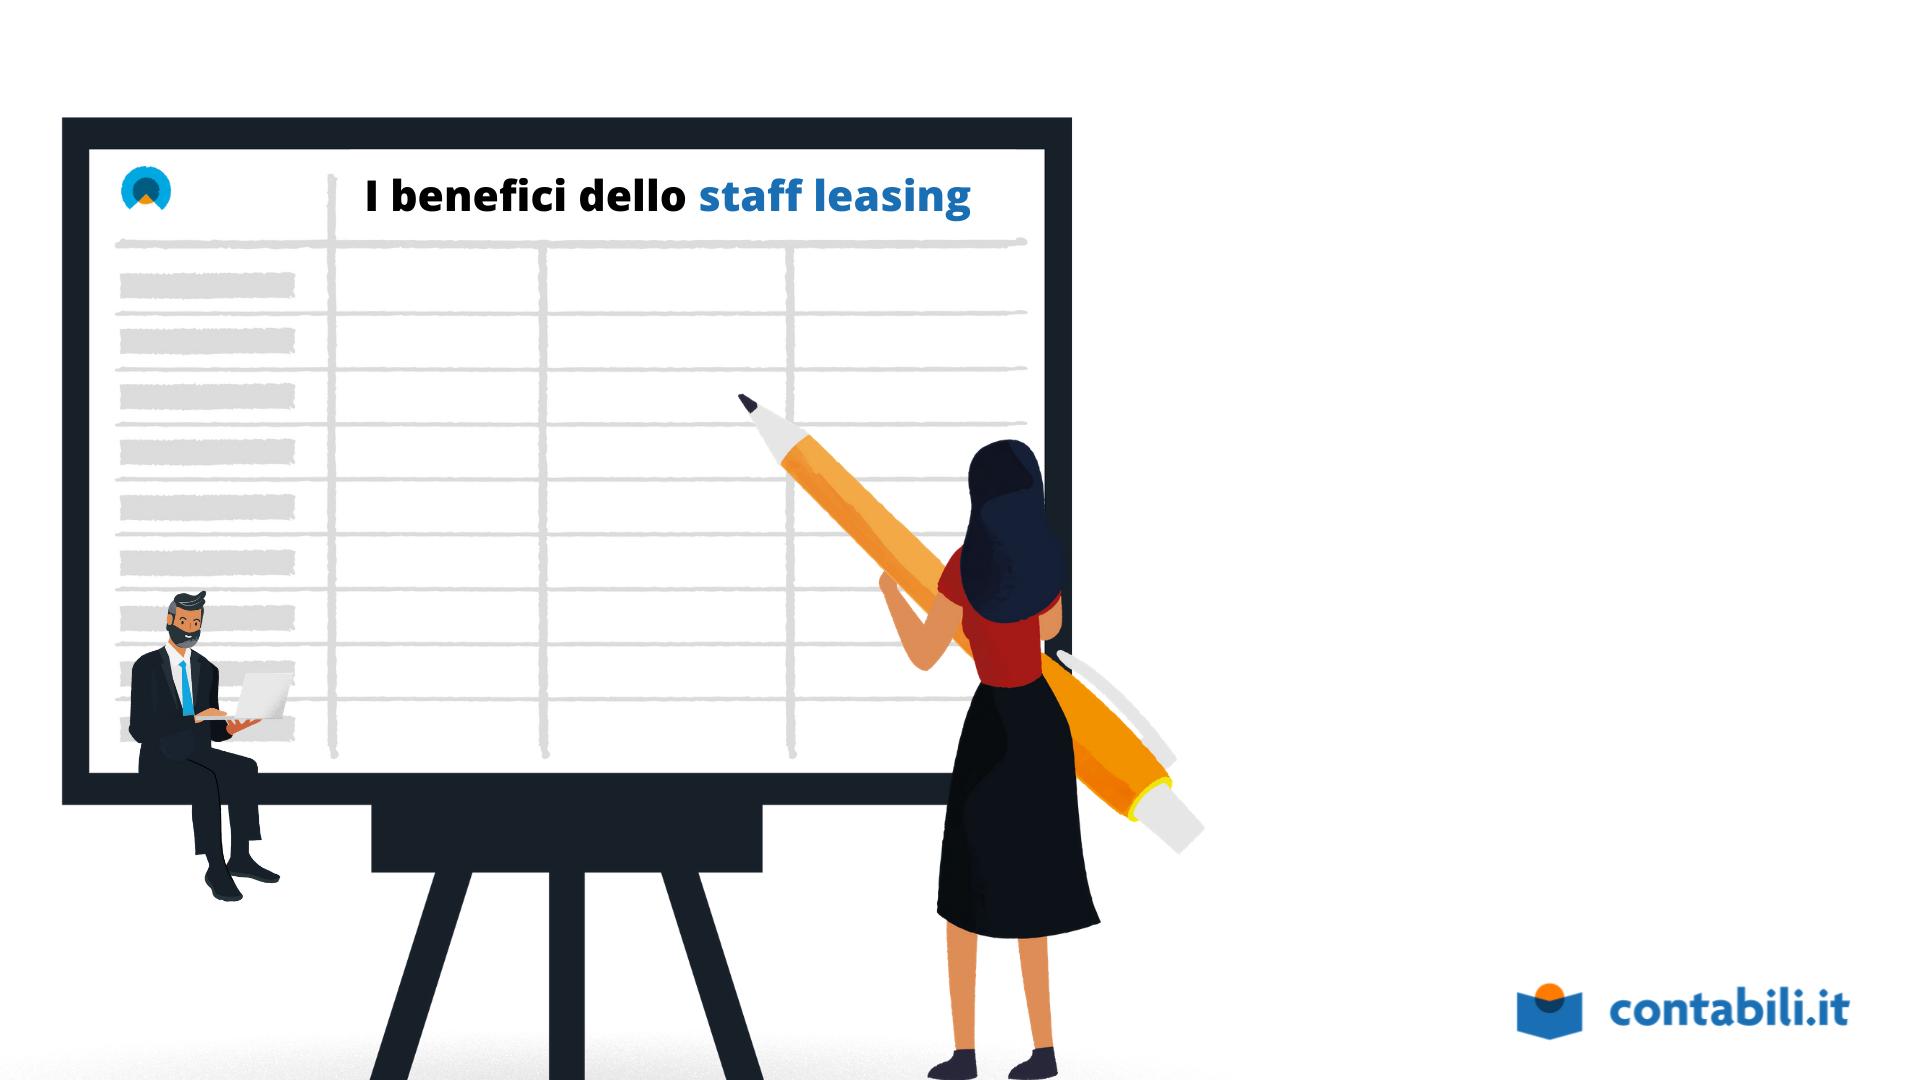 I benefici dello staff leasing in ambito contabile